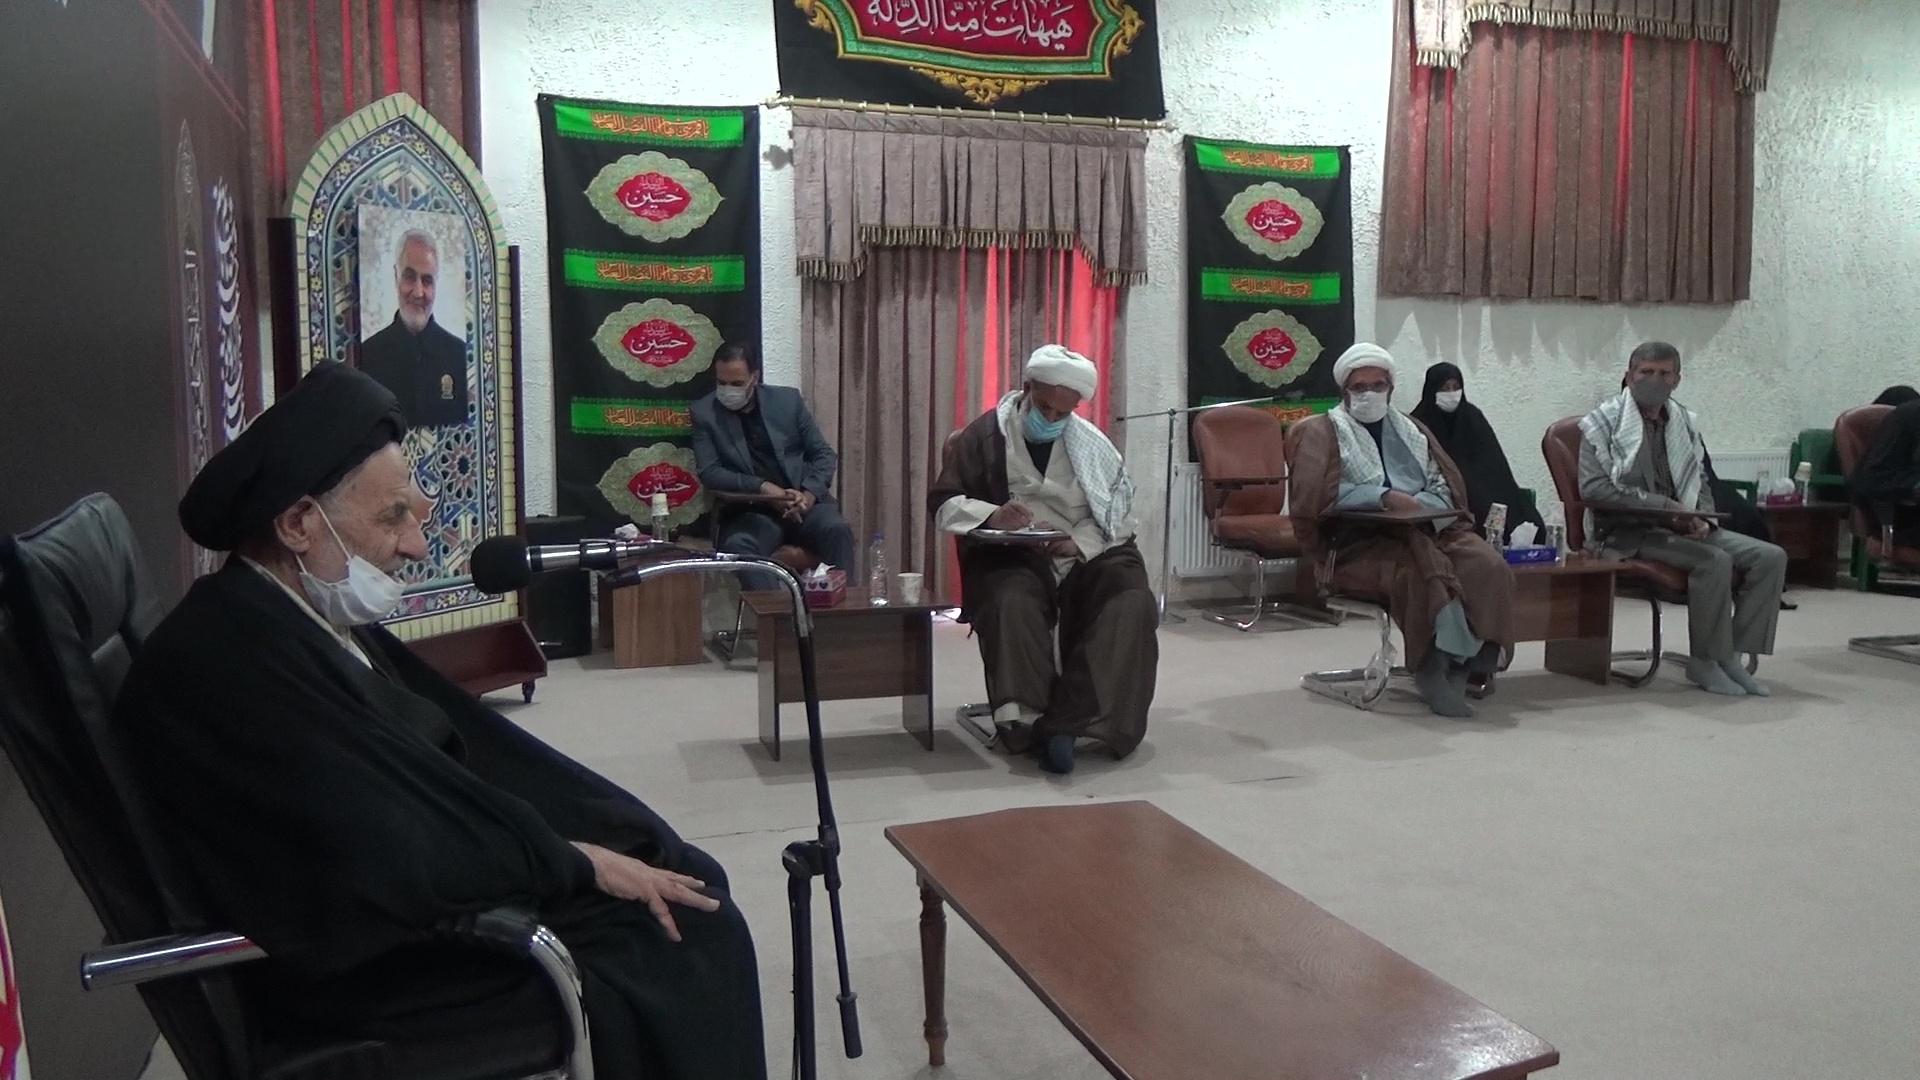 نجات بشر، آرمان انقلاب اسلامی